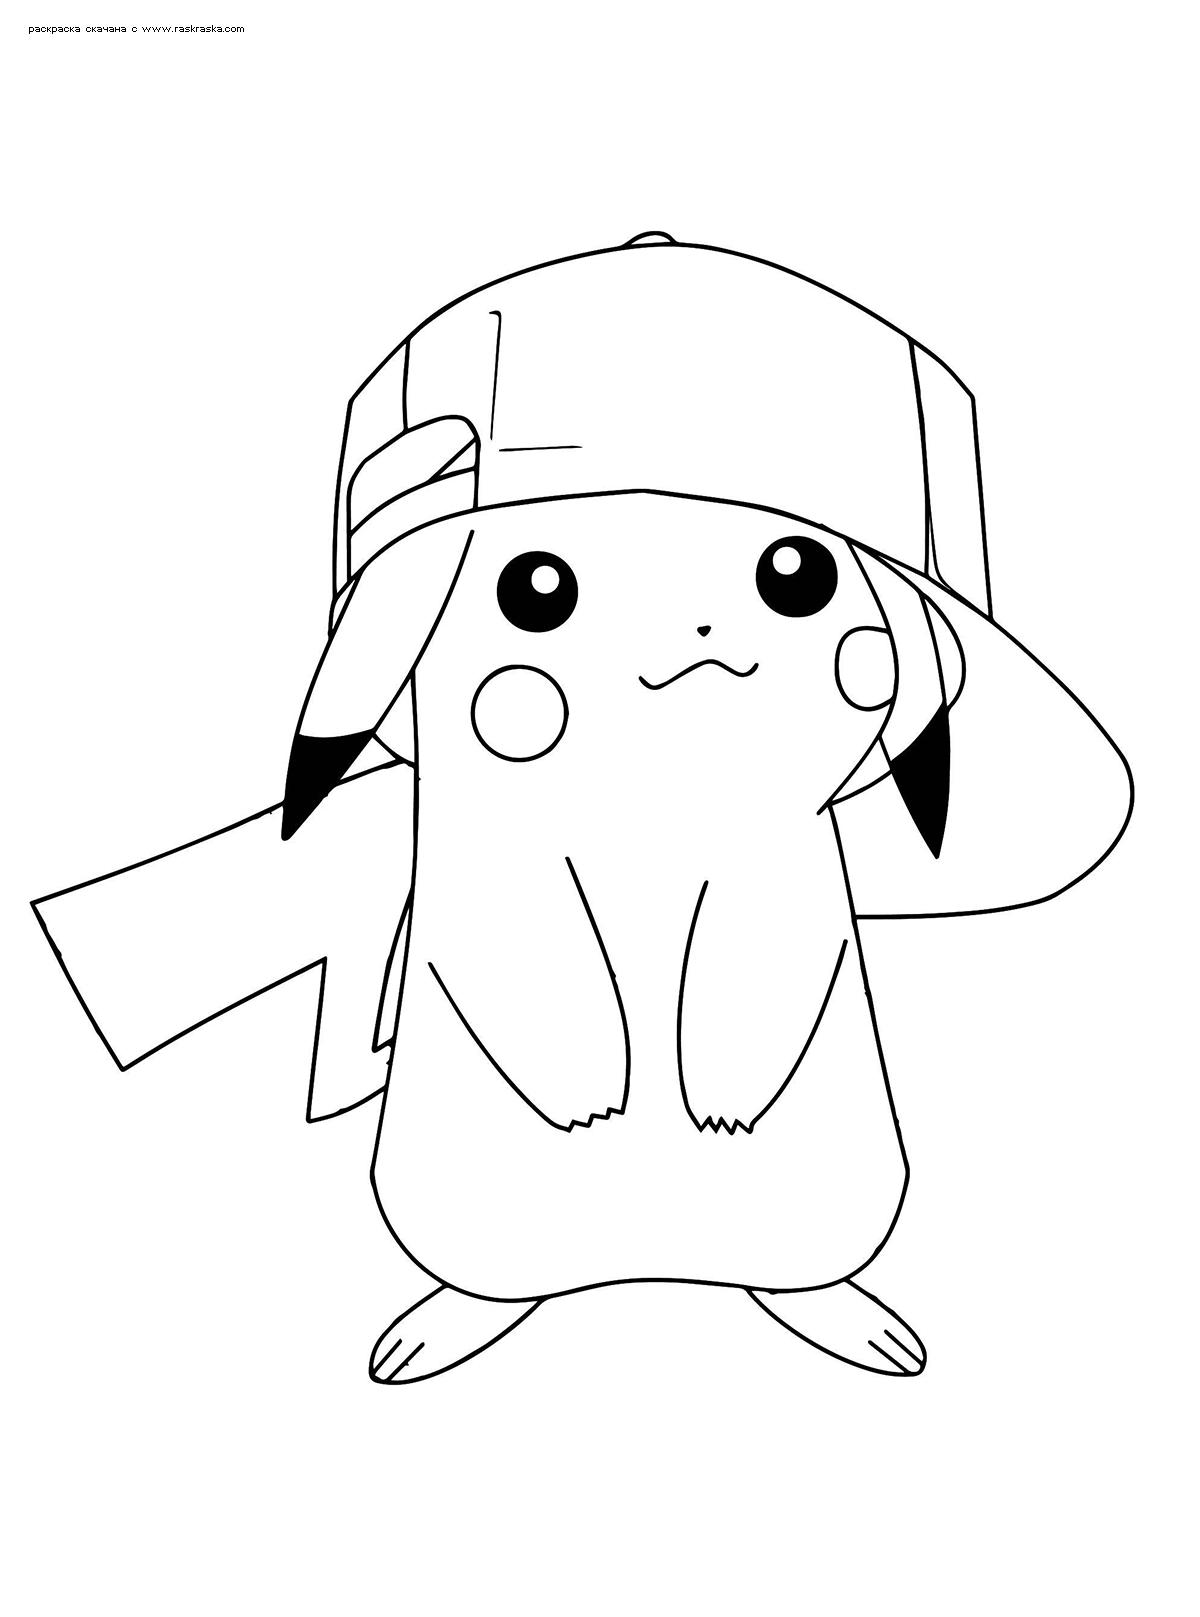 Раскраска Пикачу в бейсболке | Раскраски Пикачу (Pikachu)